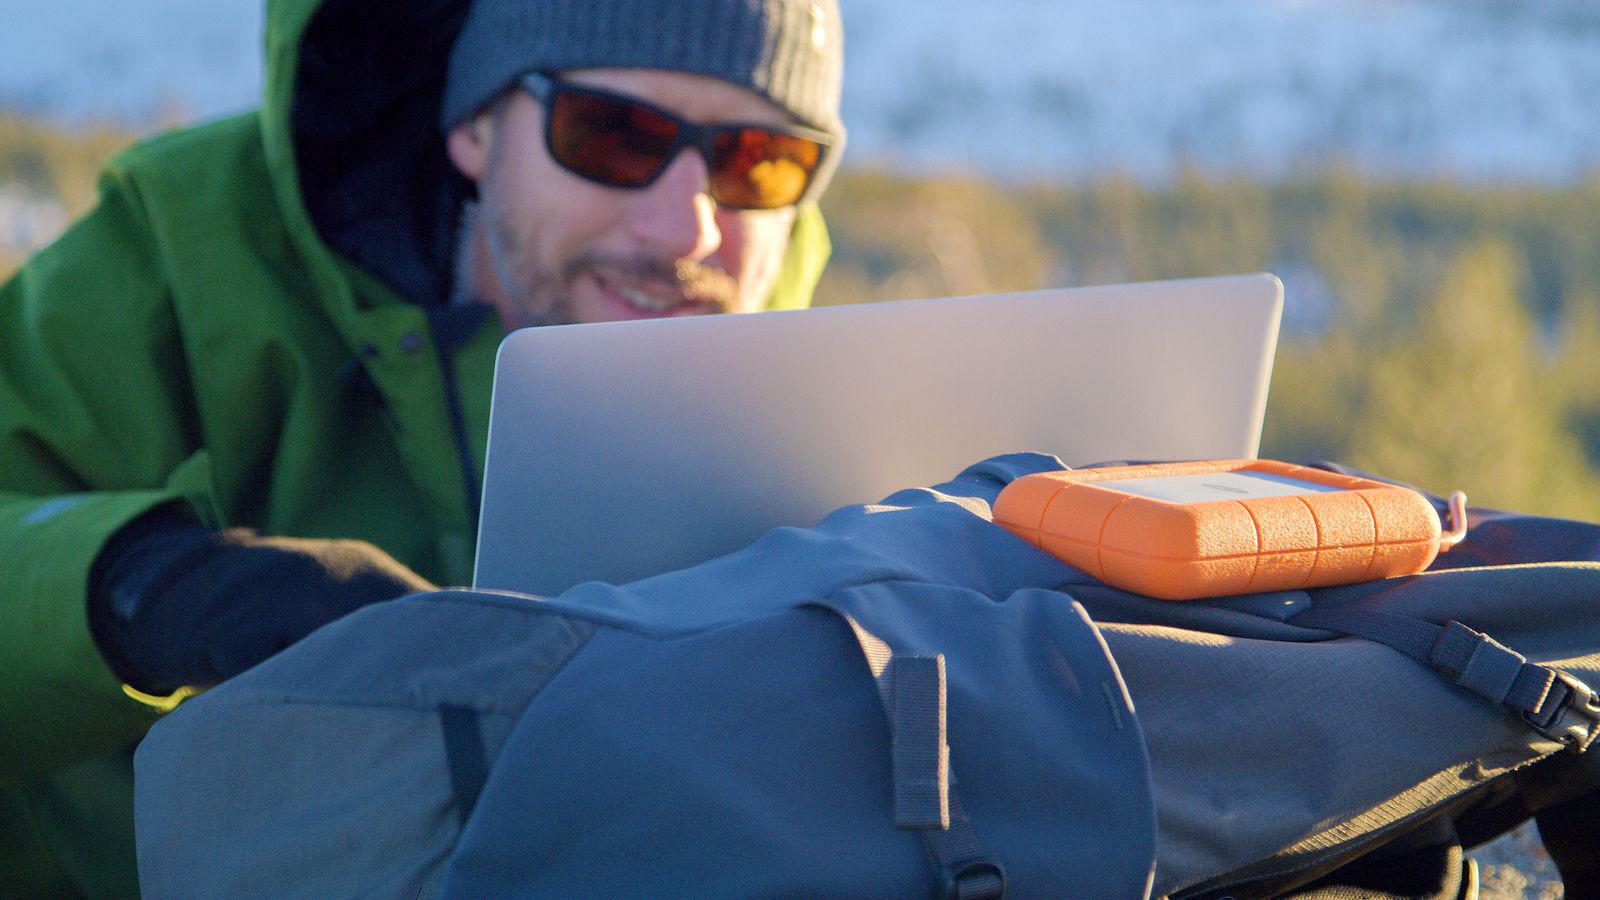 Recensione LaCie Rugged RAID Pro, il coltellino svizzero dei dischi a portata di mano